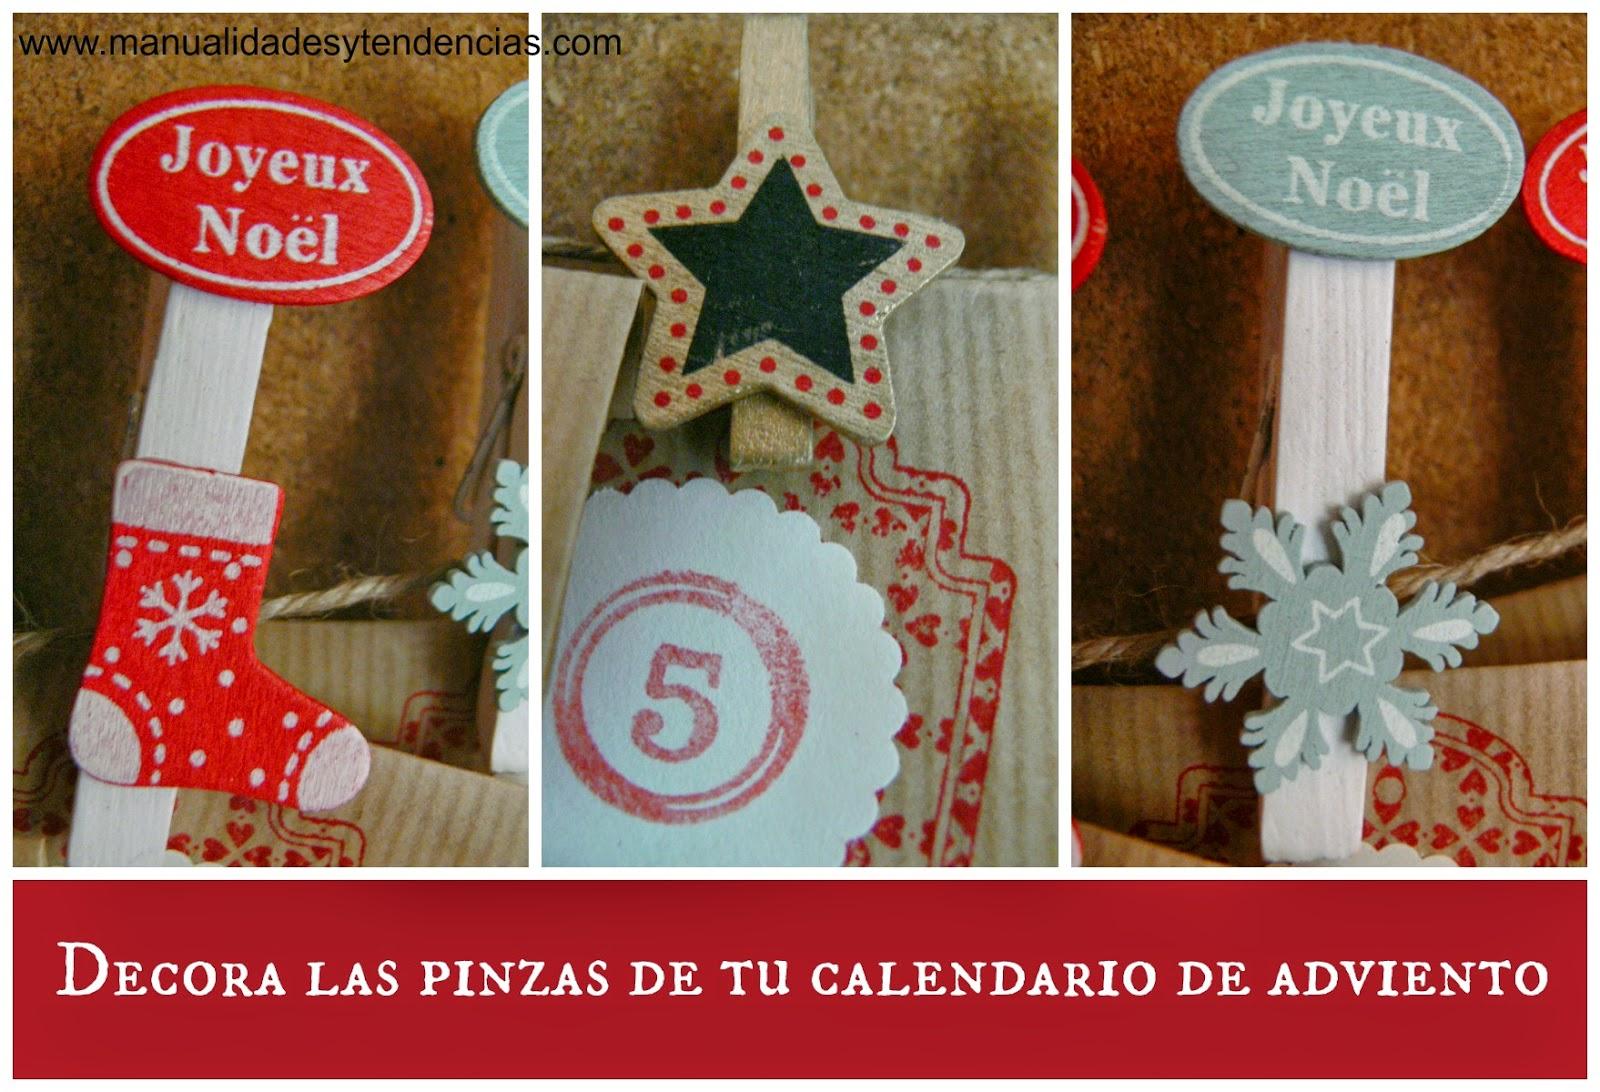 Pinzas decoradas con motivos navideños